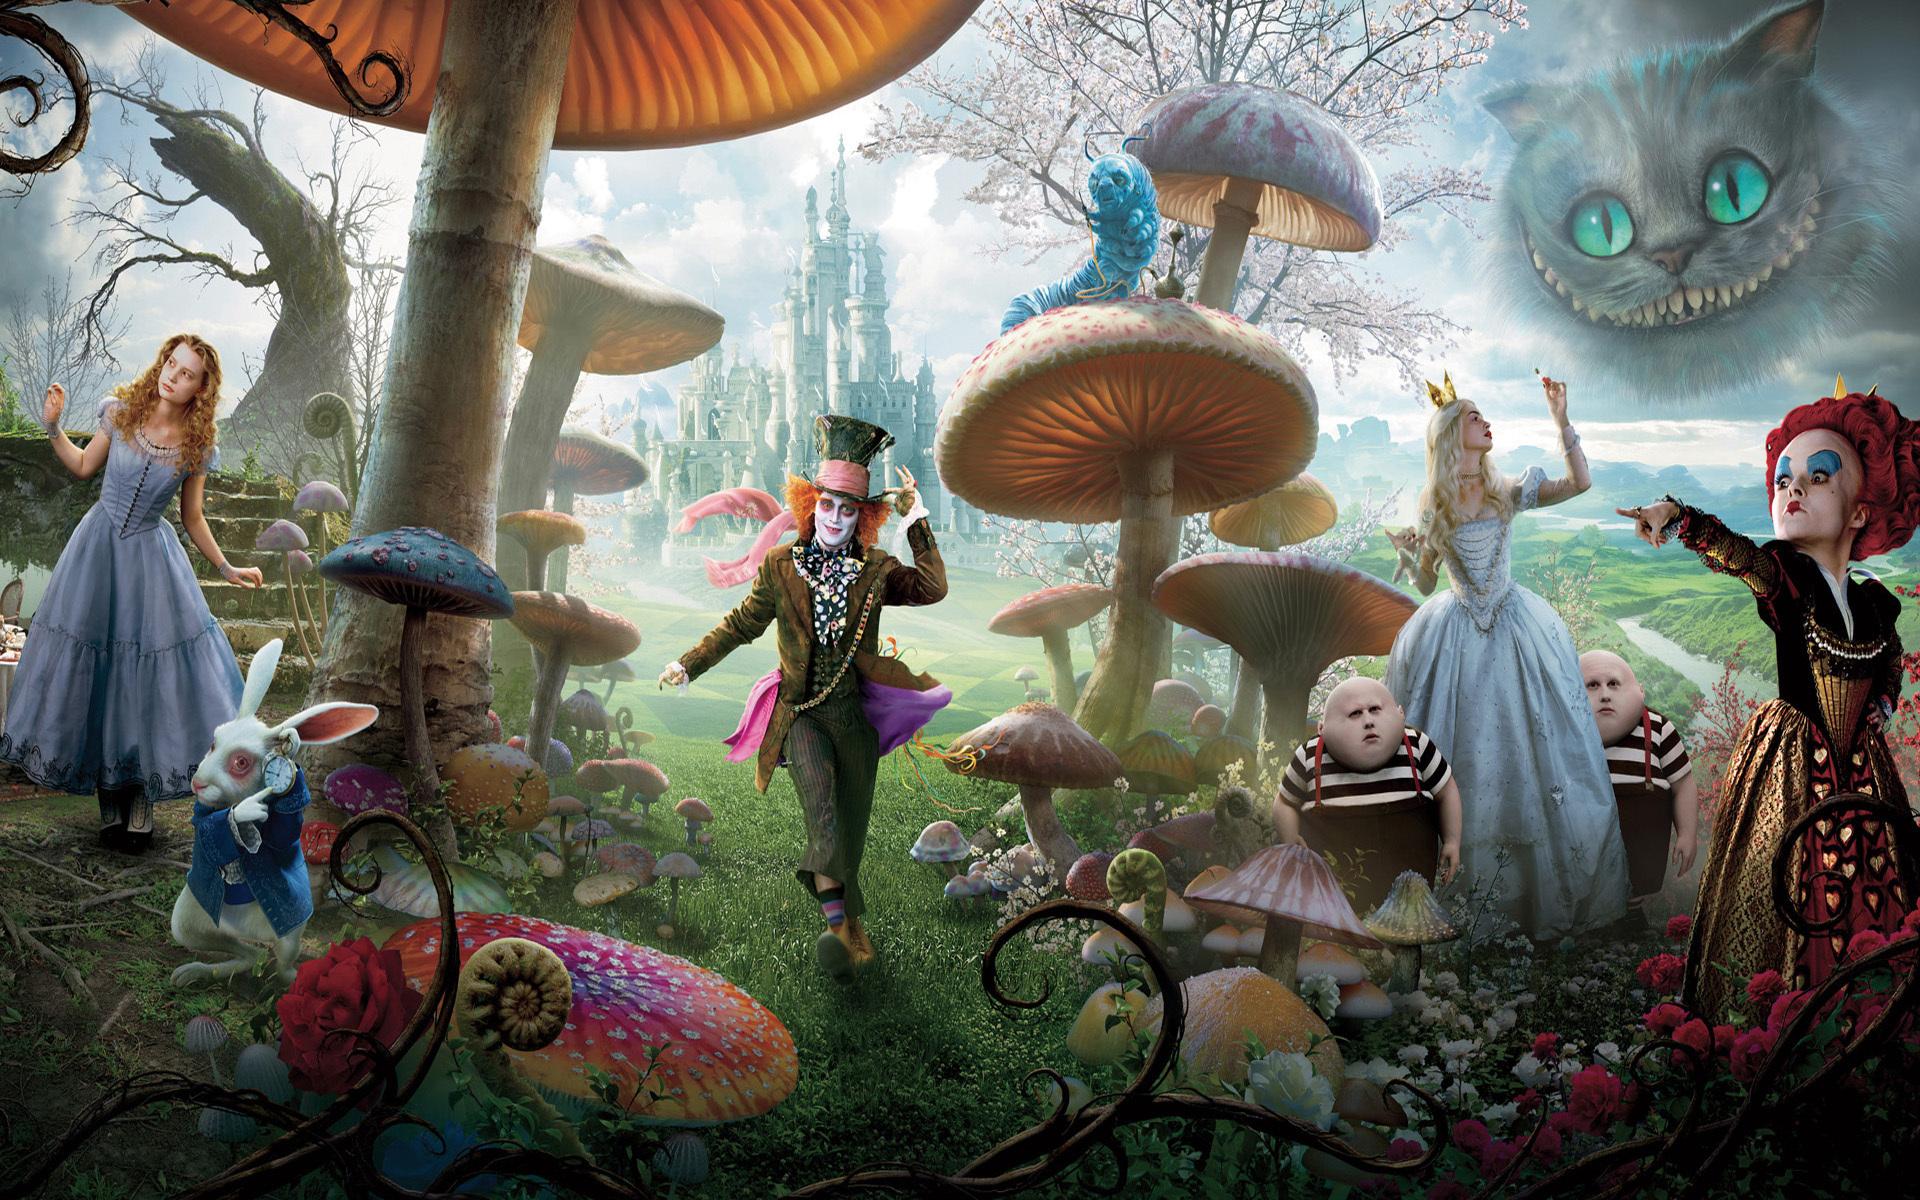 alice in wonderland wallpaper Alice in Wonderland (2010) images Alice in Wonderland HD wallpaper  alice in wonderland wallpaper